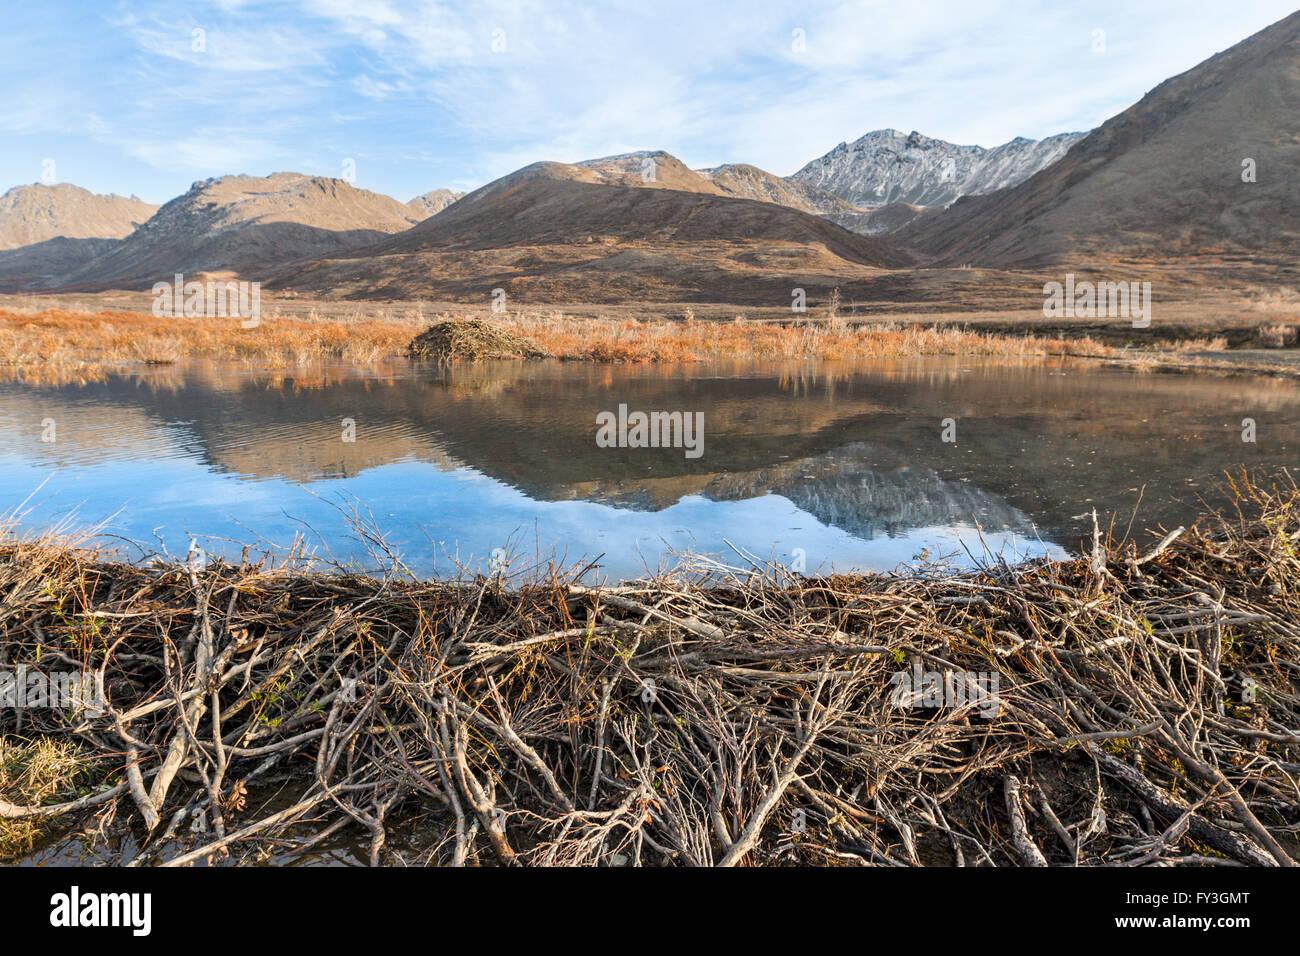 Un dique de castores y el estanque reflejando el Alaska Range Mountains. Imagen De Stock